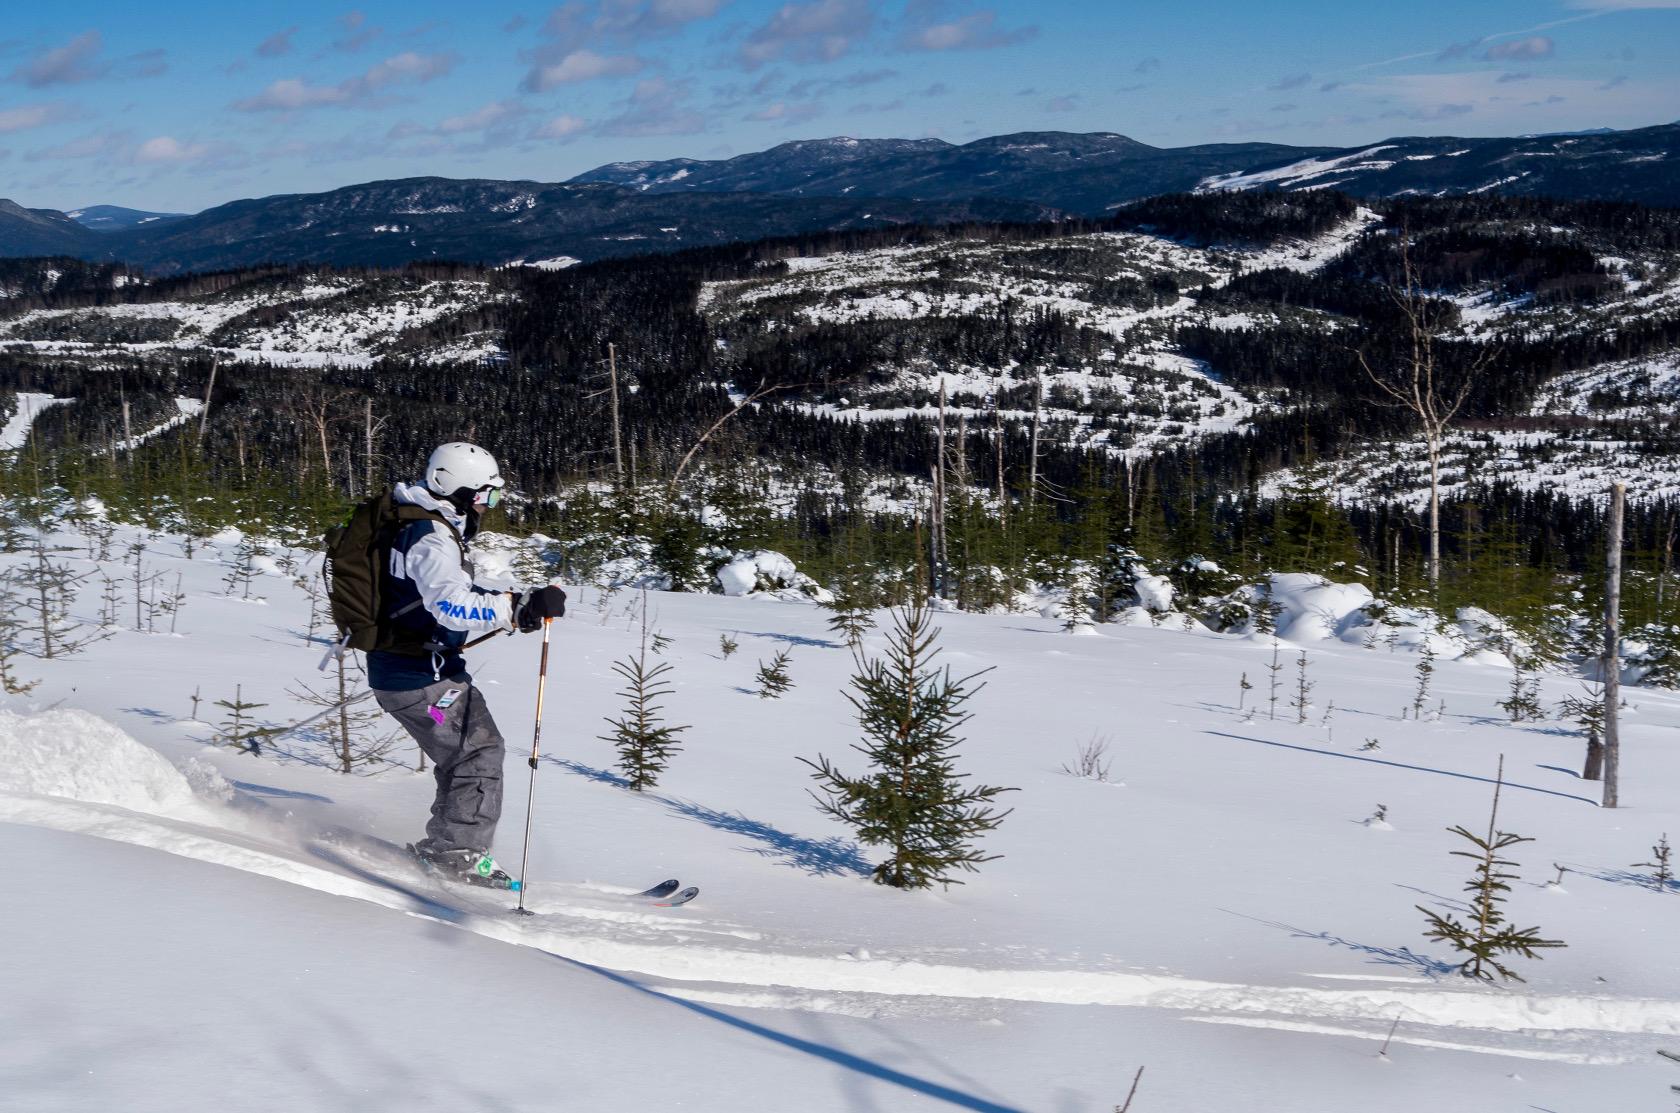 Le ski dans les coupes forestières